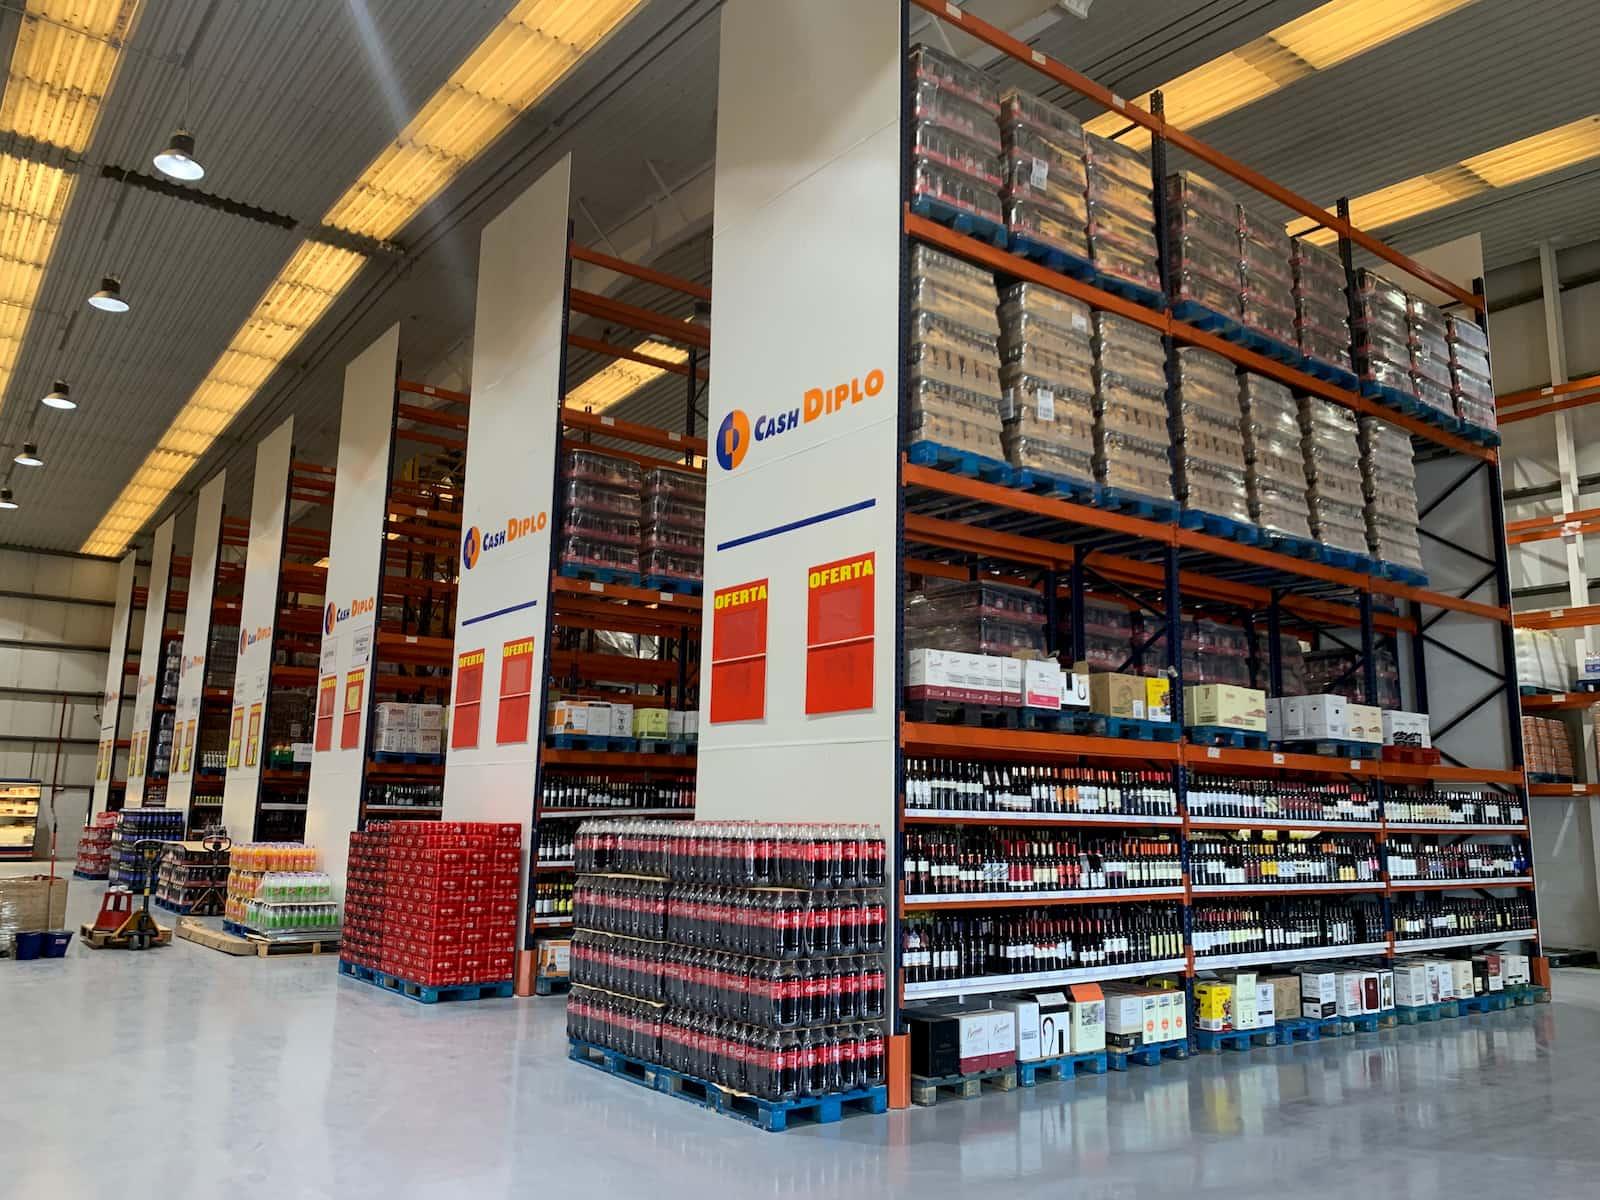 Instalación de mobiliario y equipamiento comercial - Noirrac